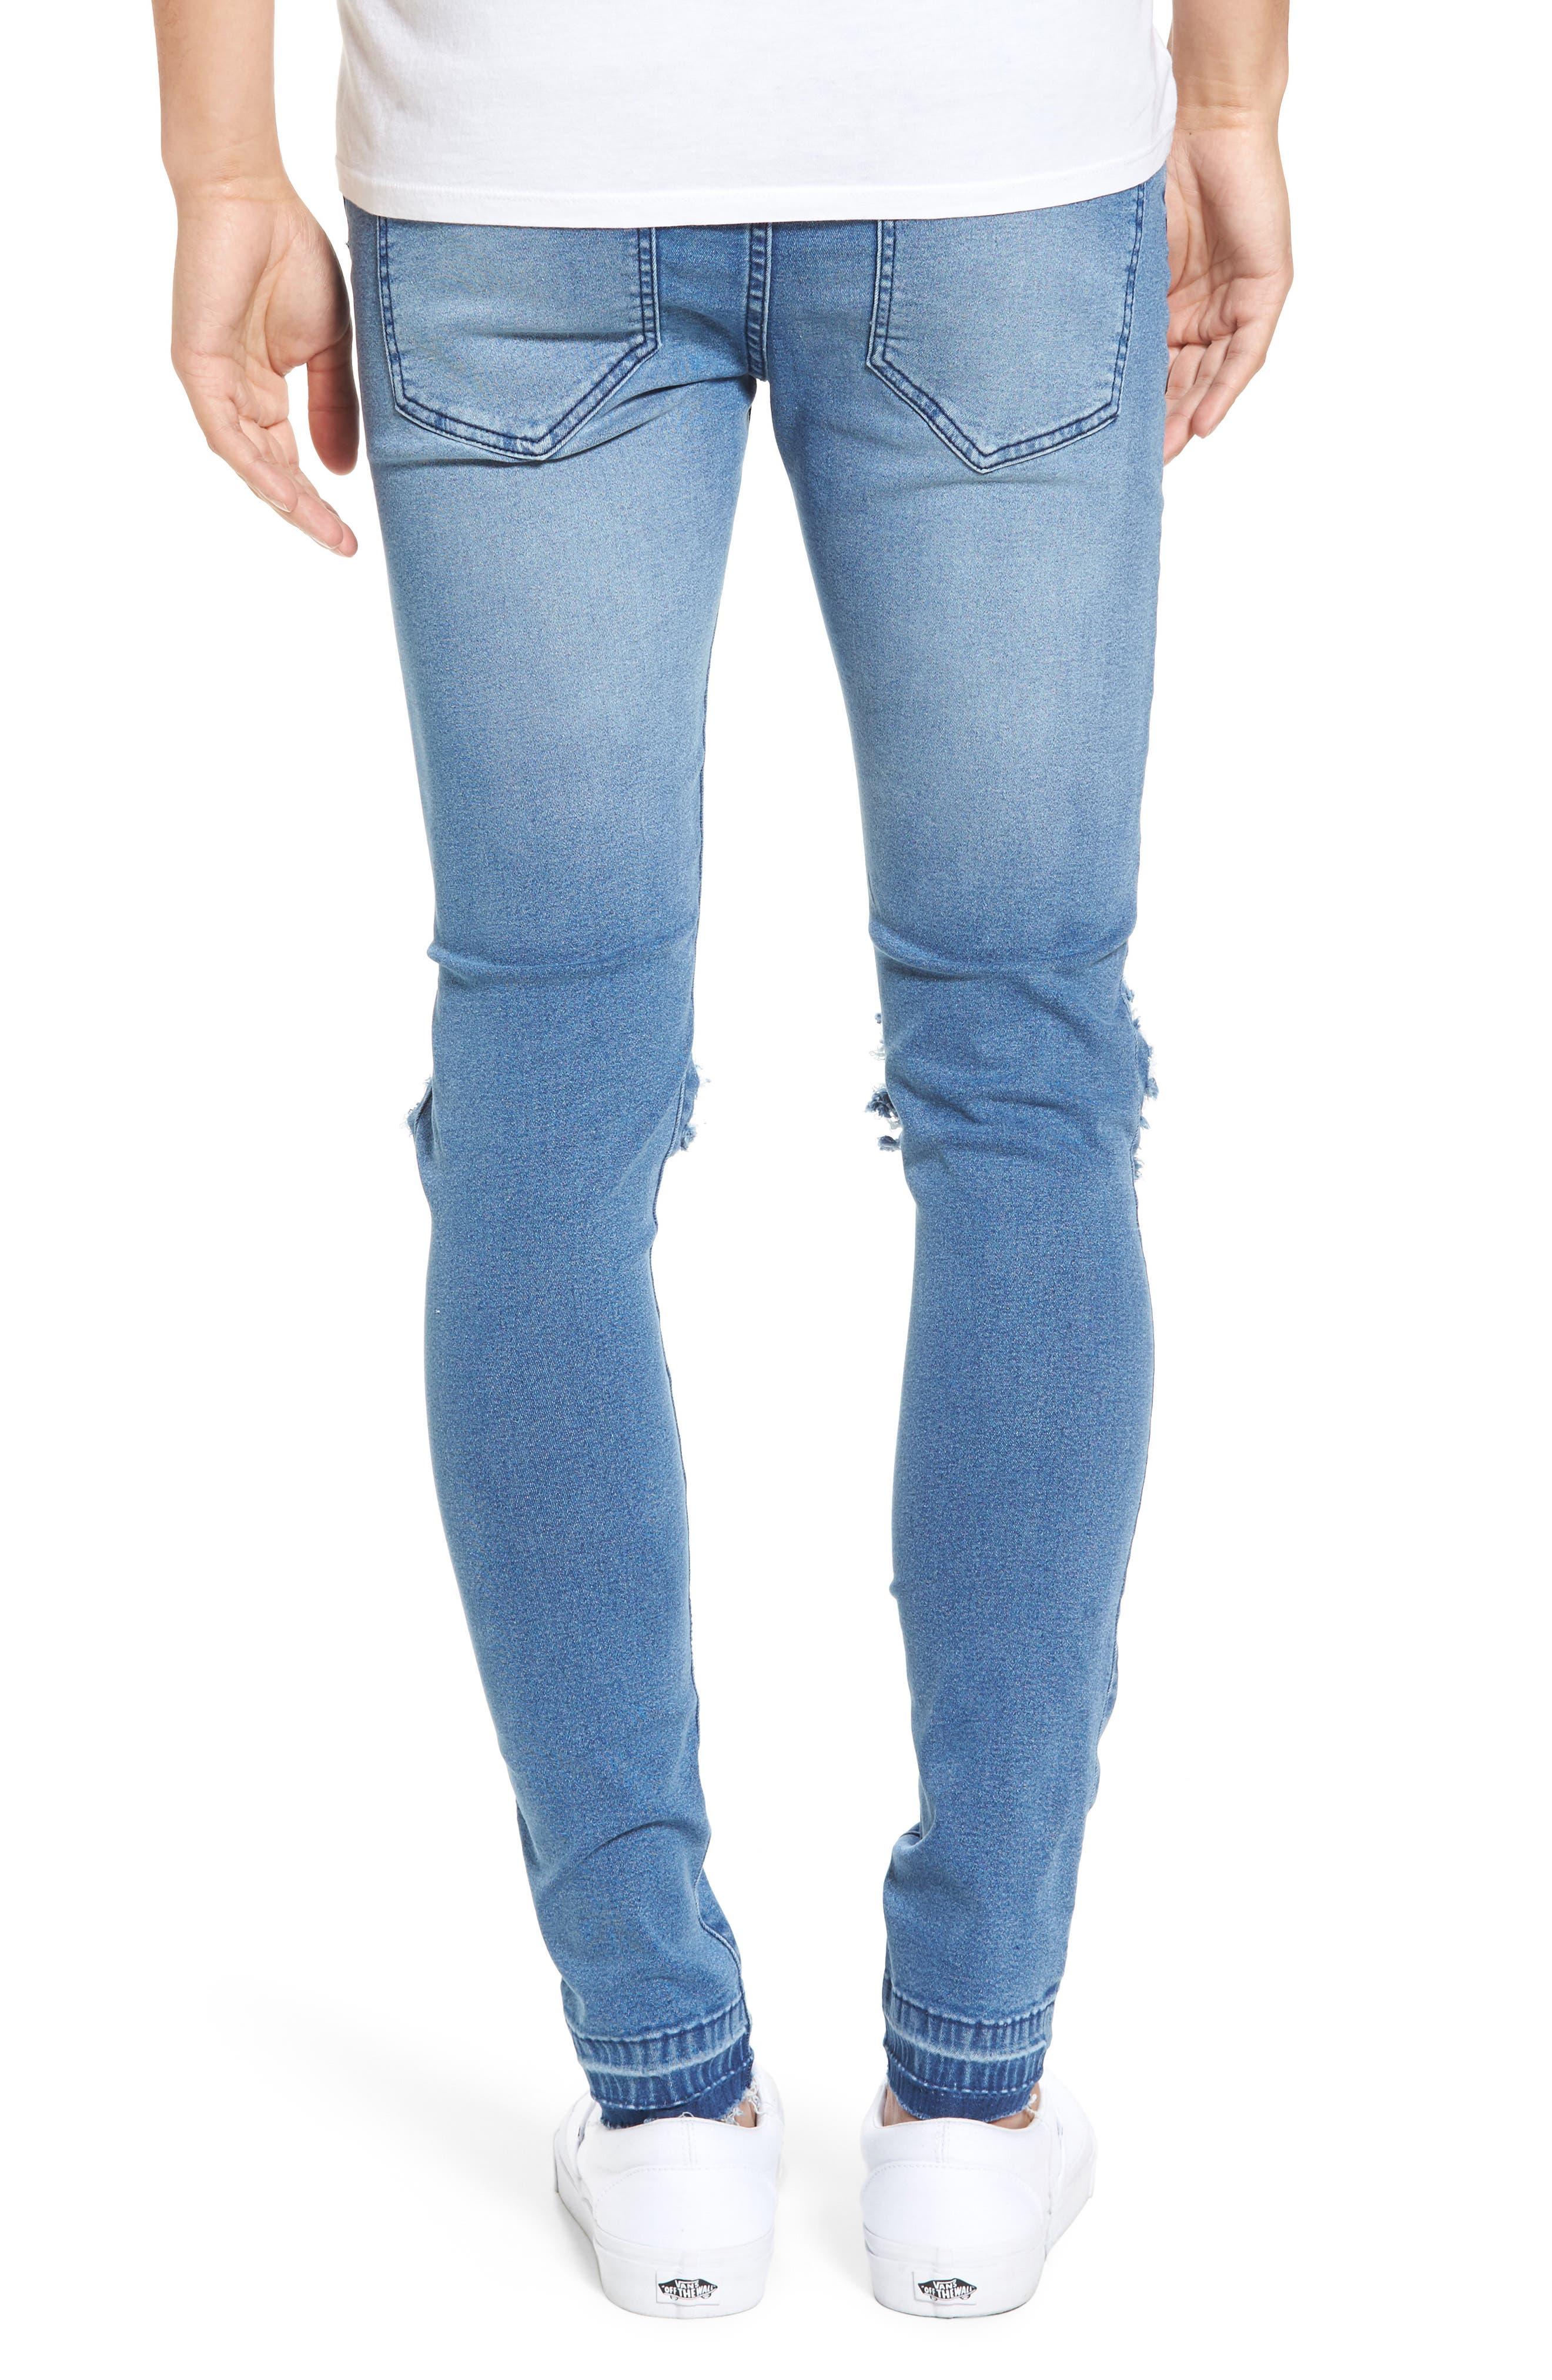 Leroy Slim Fit Jeans,                             Alternate thumbnail 2, color,                             400